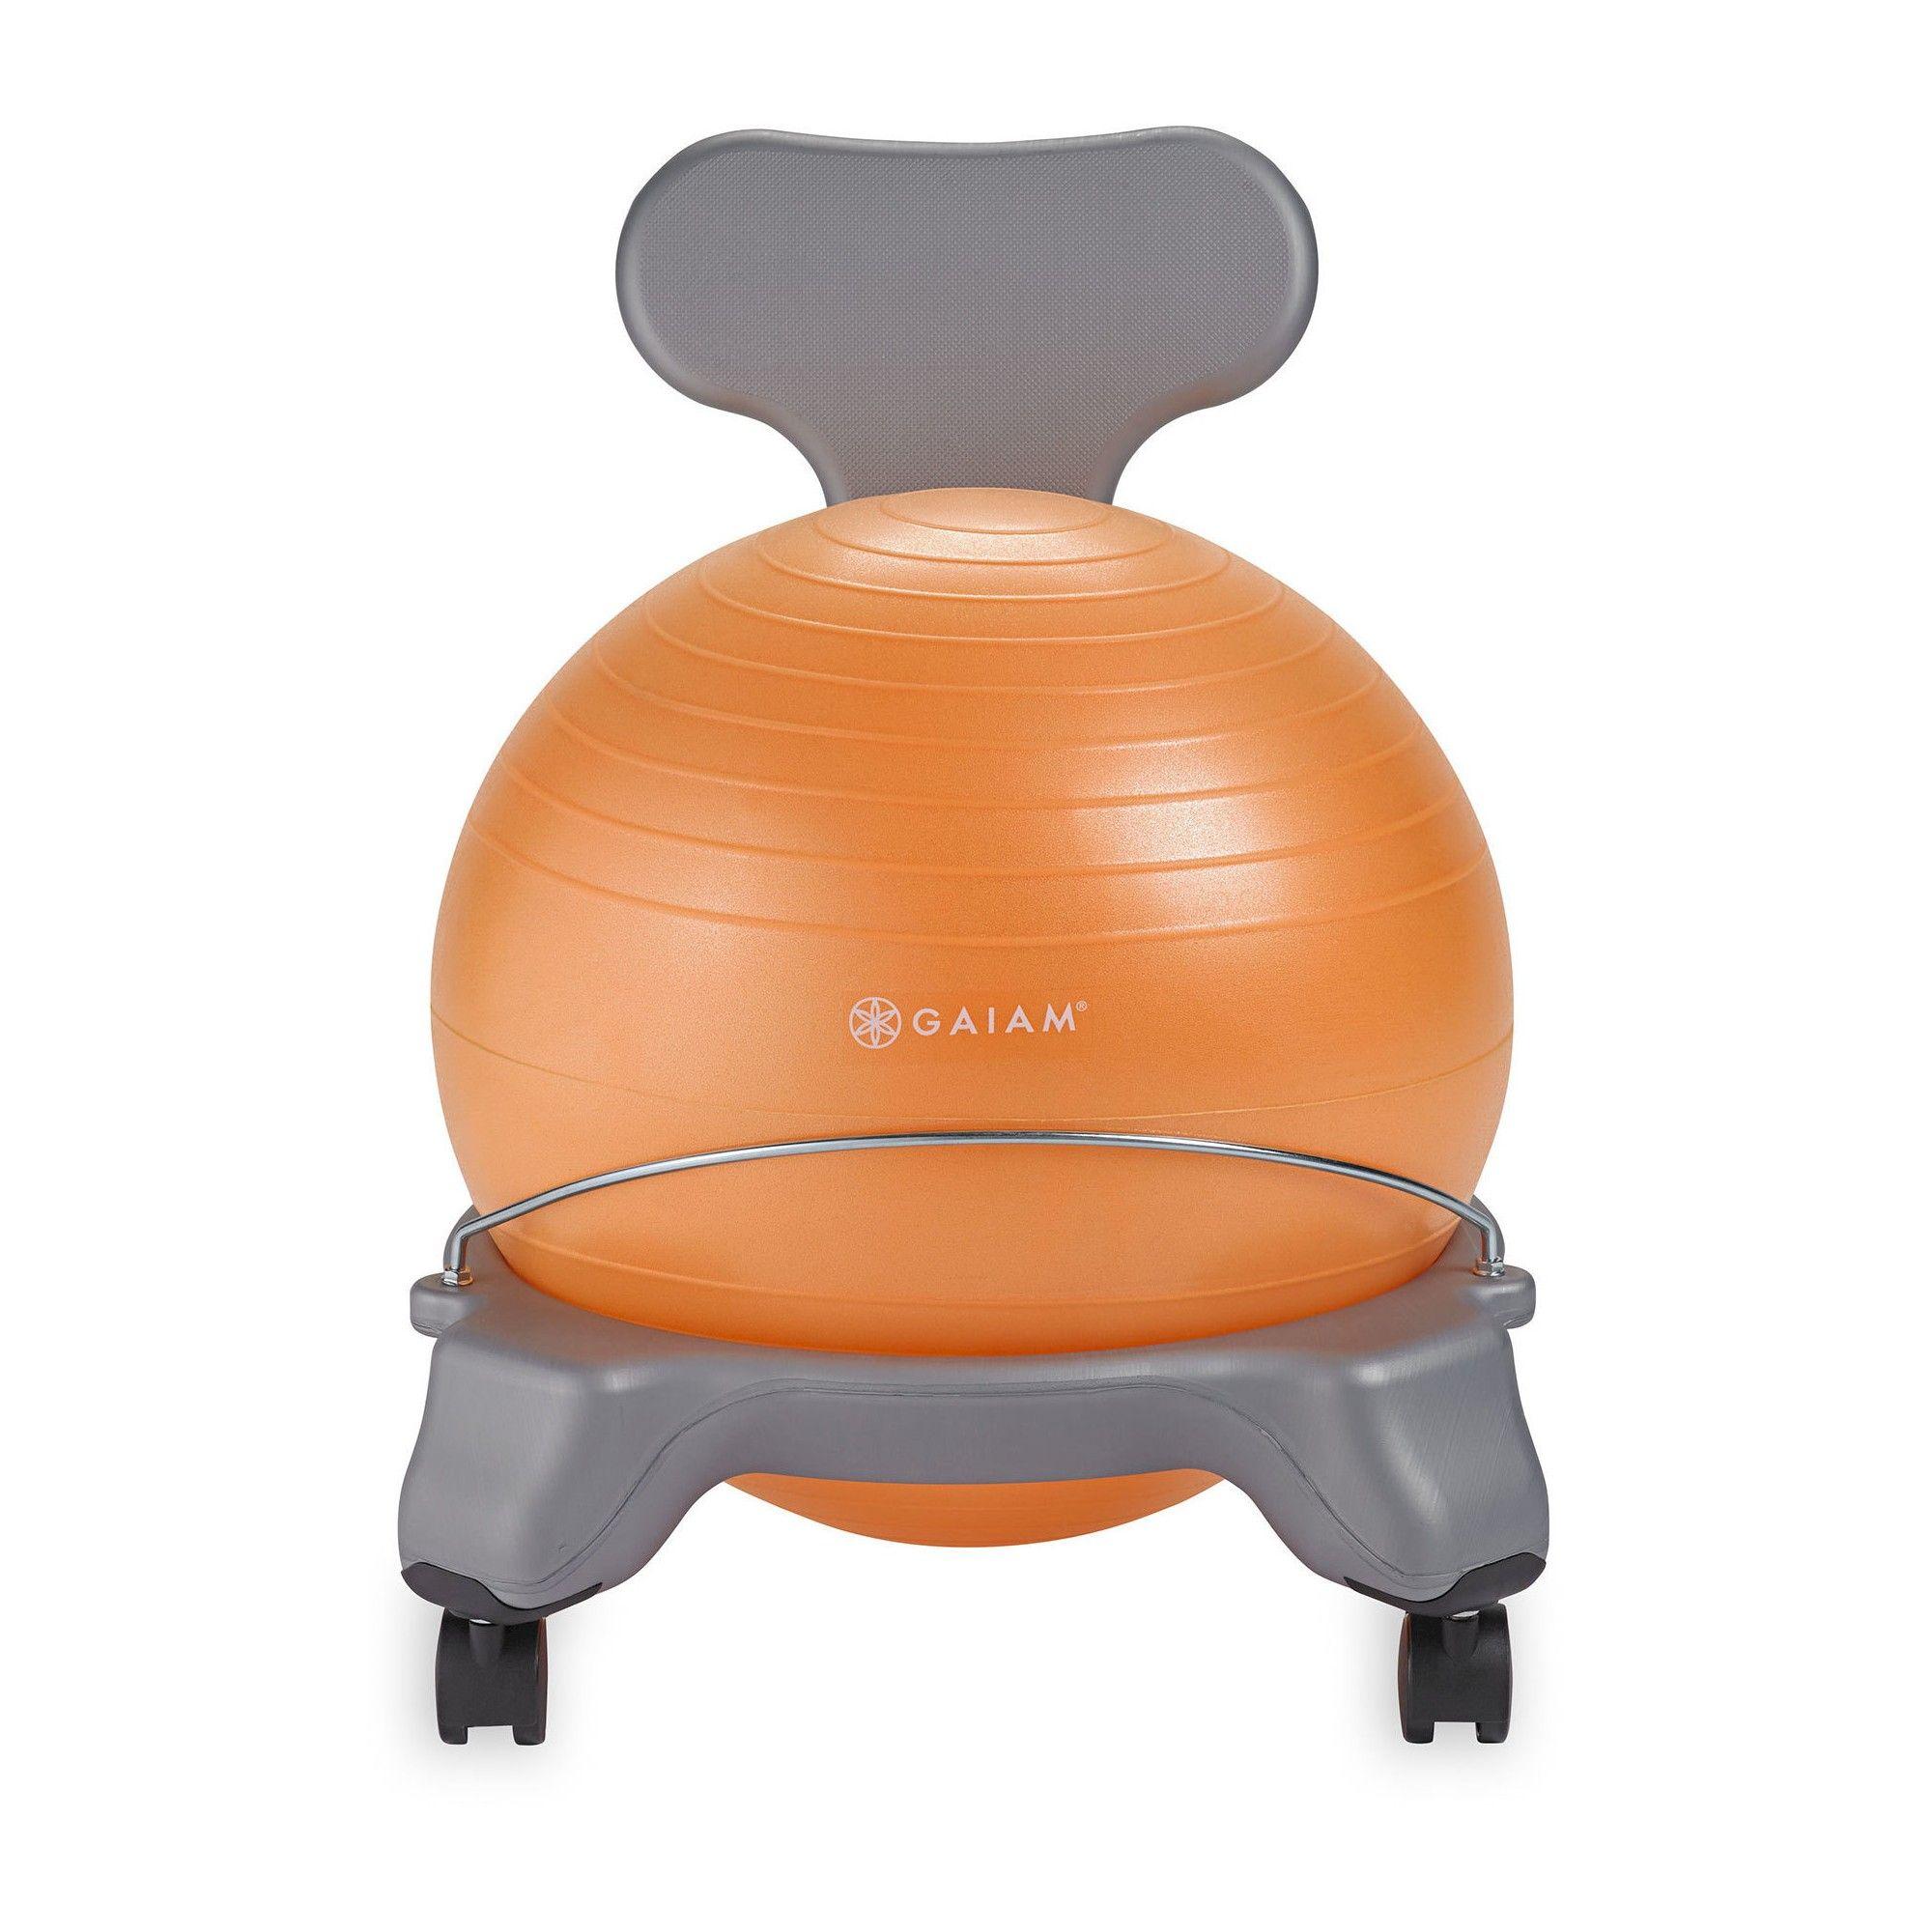 Gym Yoga Exercise Fitness Balance Ball